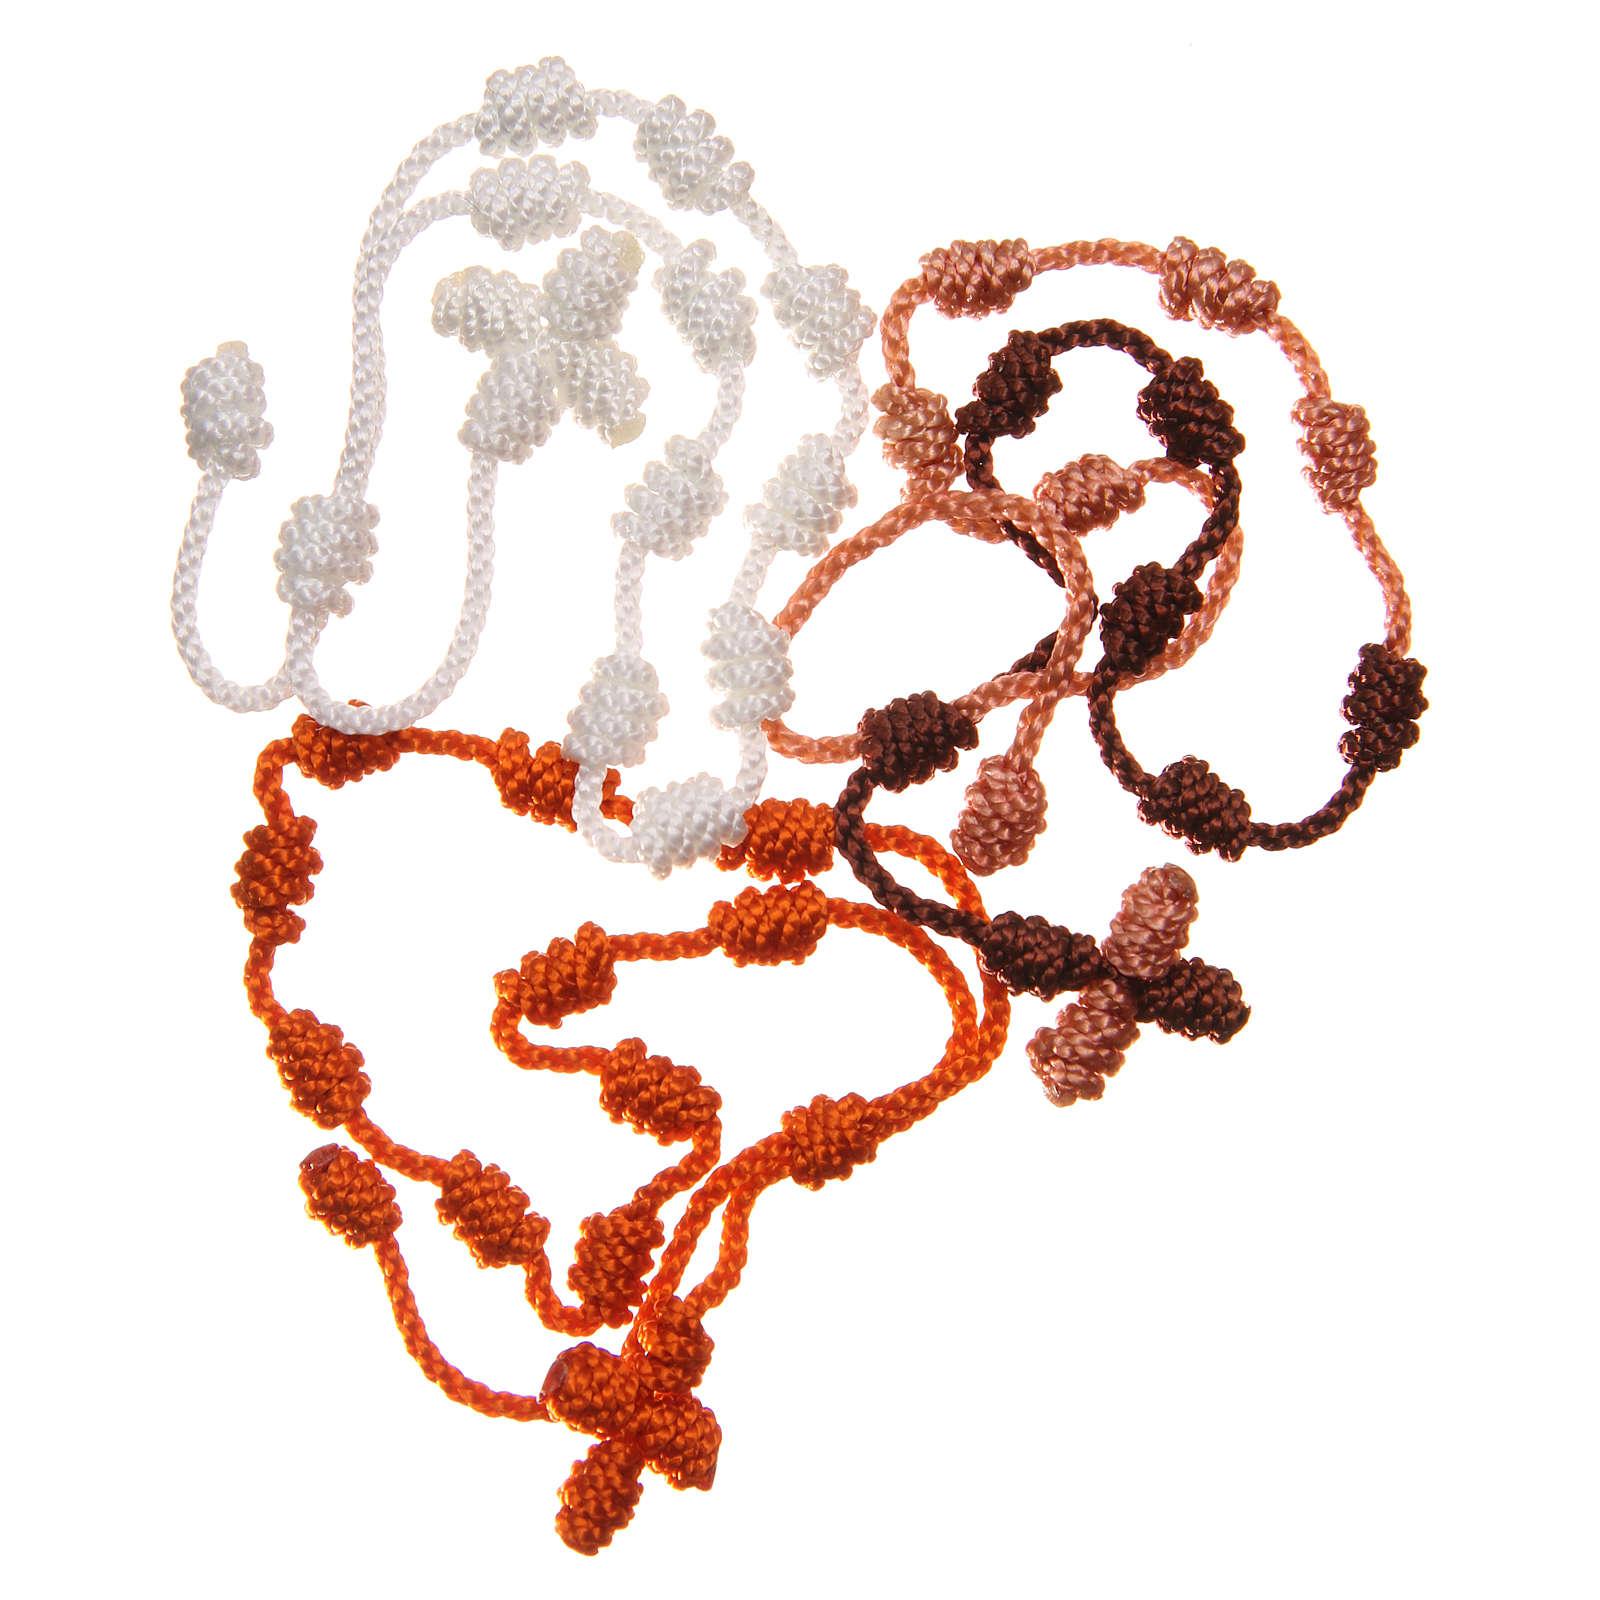 STOCK Pulsera vasca de cuerda colores surtidos 4